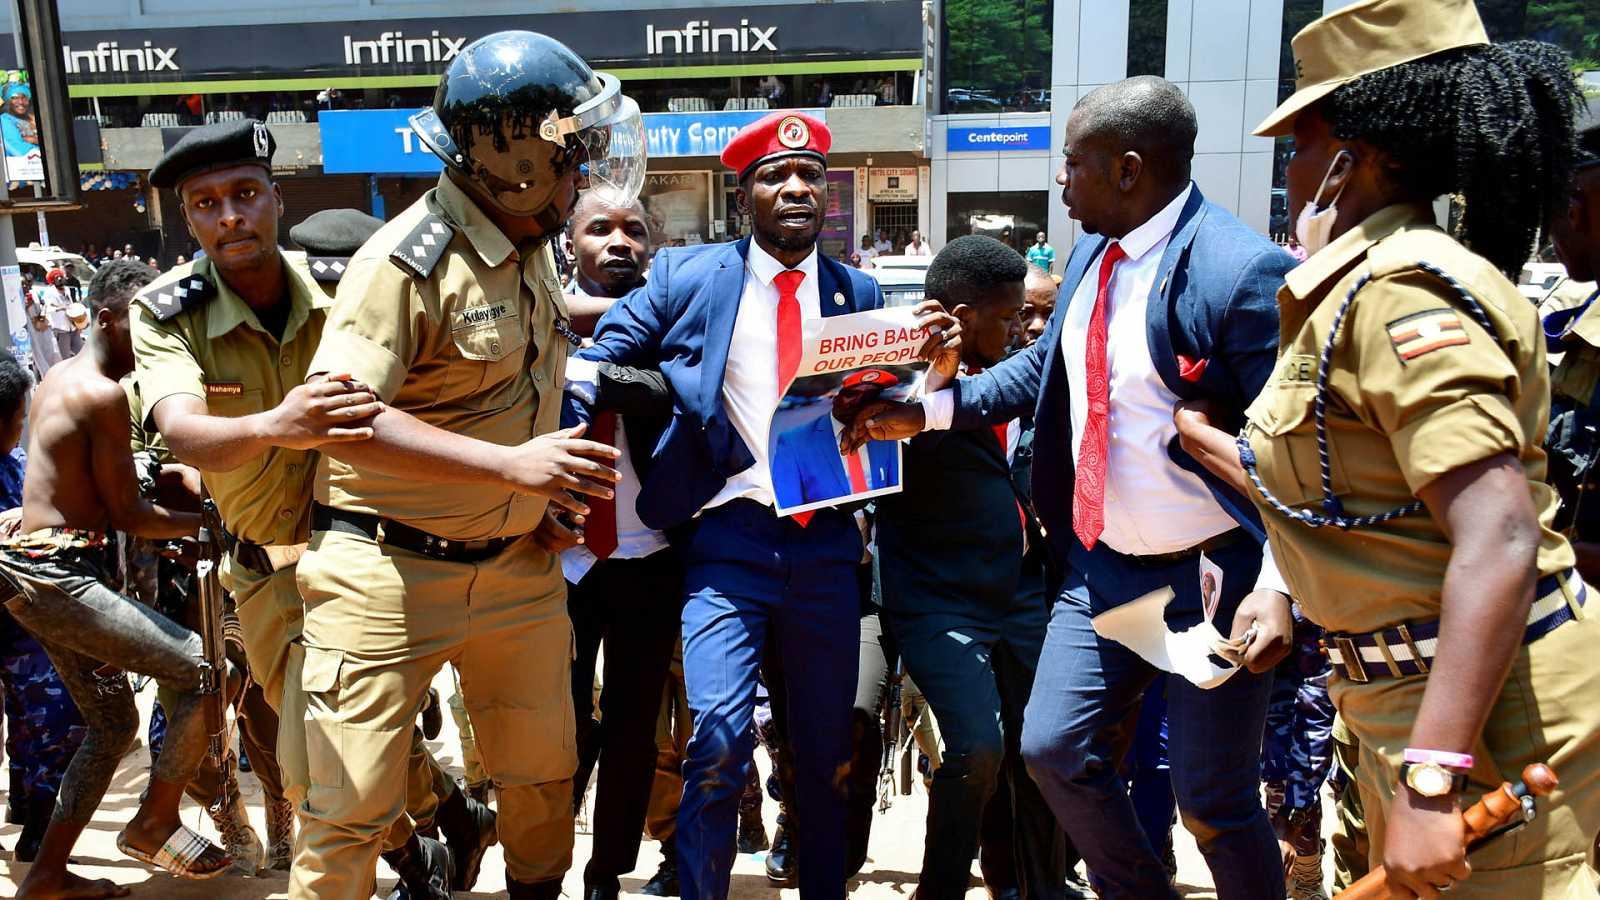 África hoy - La detención de Bobi Wine en Uganda - 19/03/21 - escuchar ahora